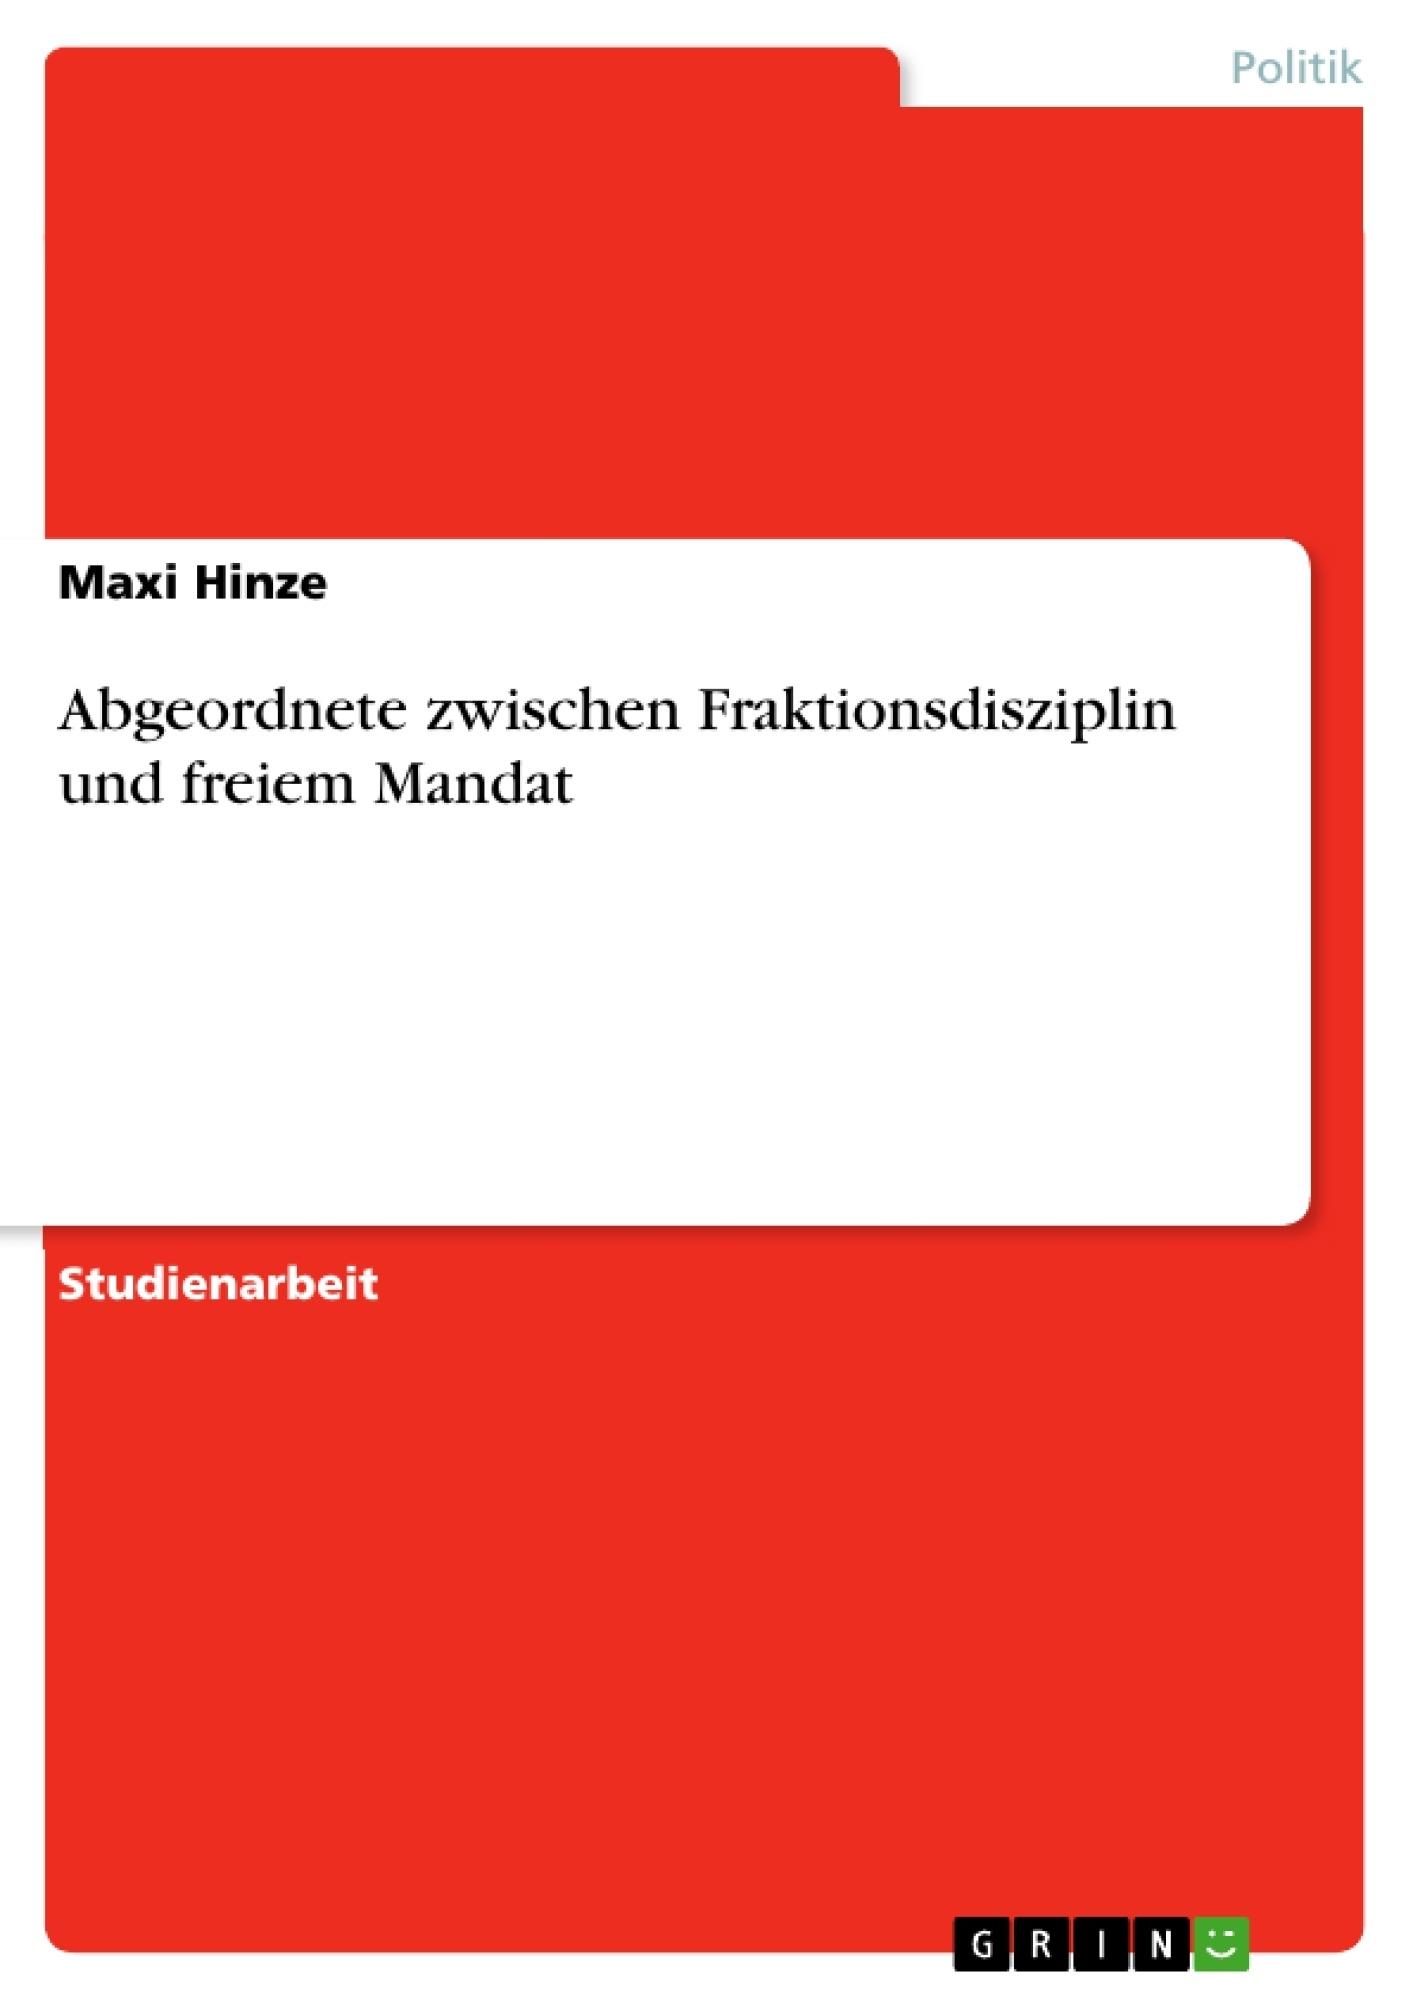 Titel: Abgeordnete zwischen Fraktionsdisziplin und freiem Mandat